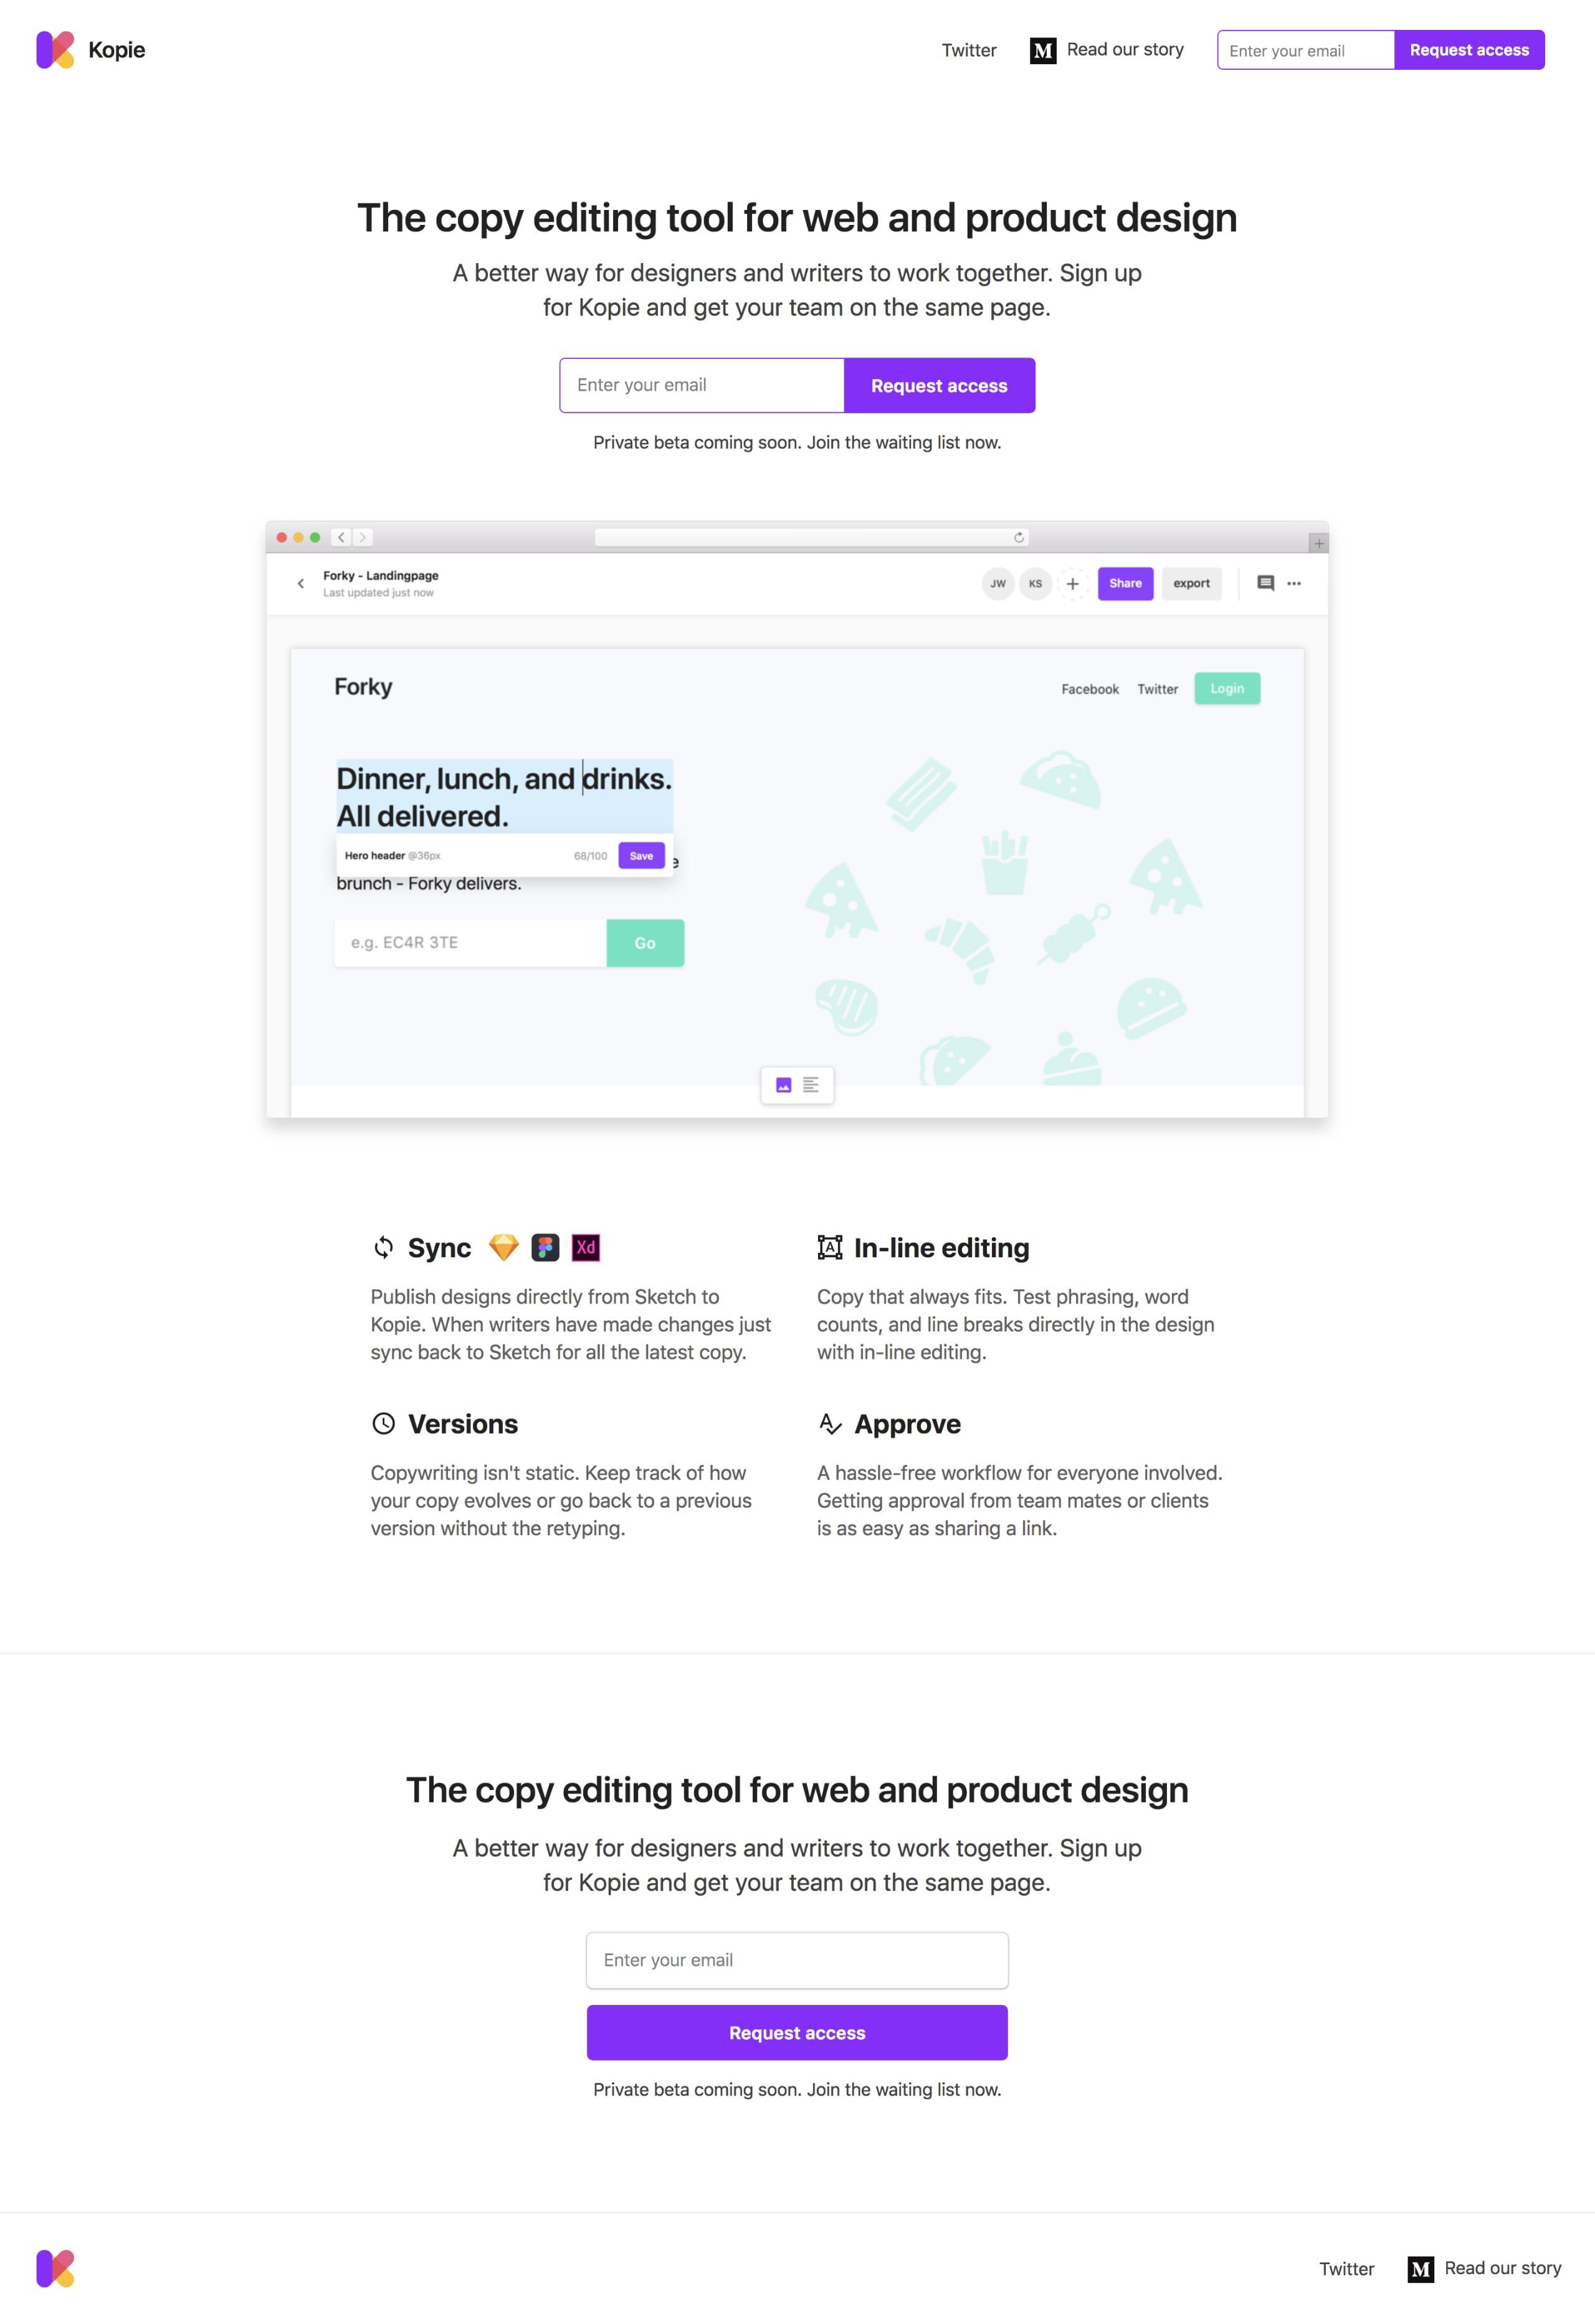 Kopie Website Screenshot